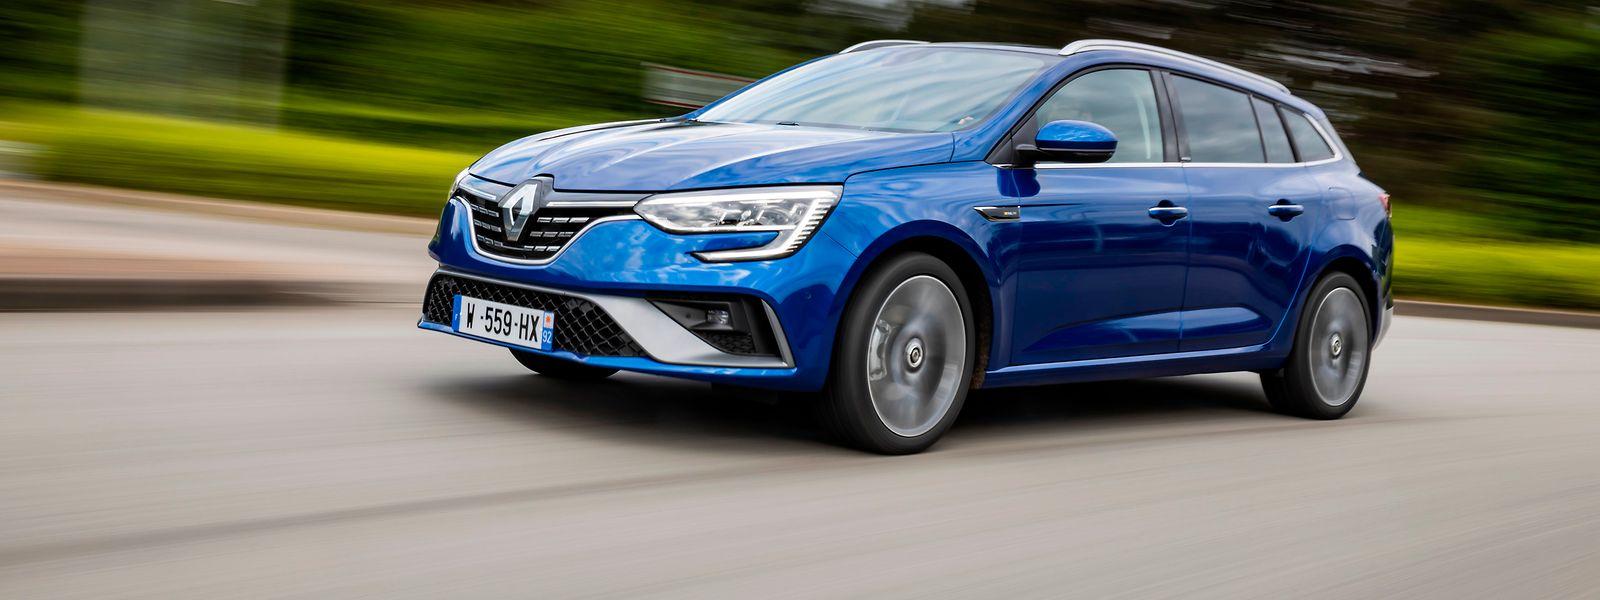 Mit seinen ausgewogenen Proportionen und seinem coupéhaften Dach kommt der Renault Mégane Grandtour sehr gefällig daher.